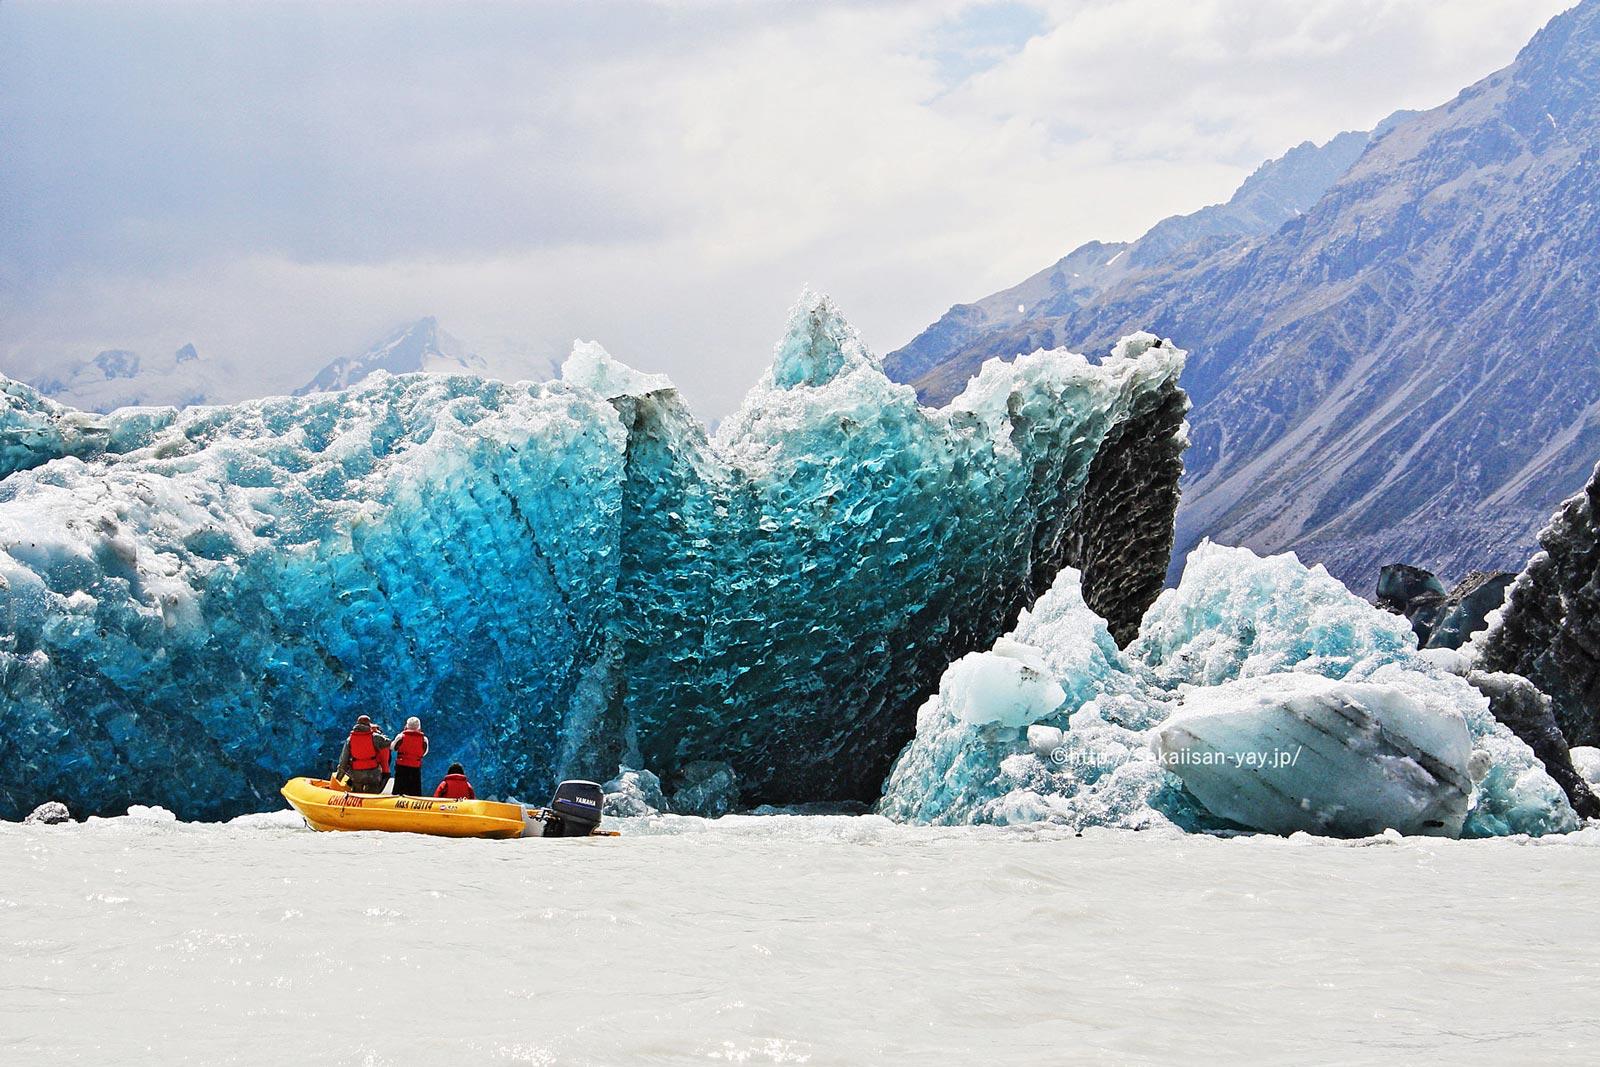 テ・ワヒポウナム-南西ニュージーランド - アオラキ/マウント・クック国立公園(タスマン氷河)